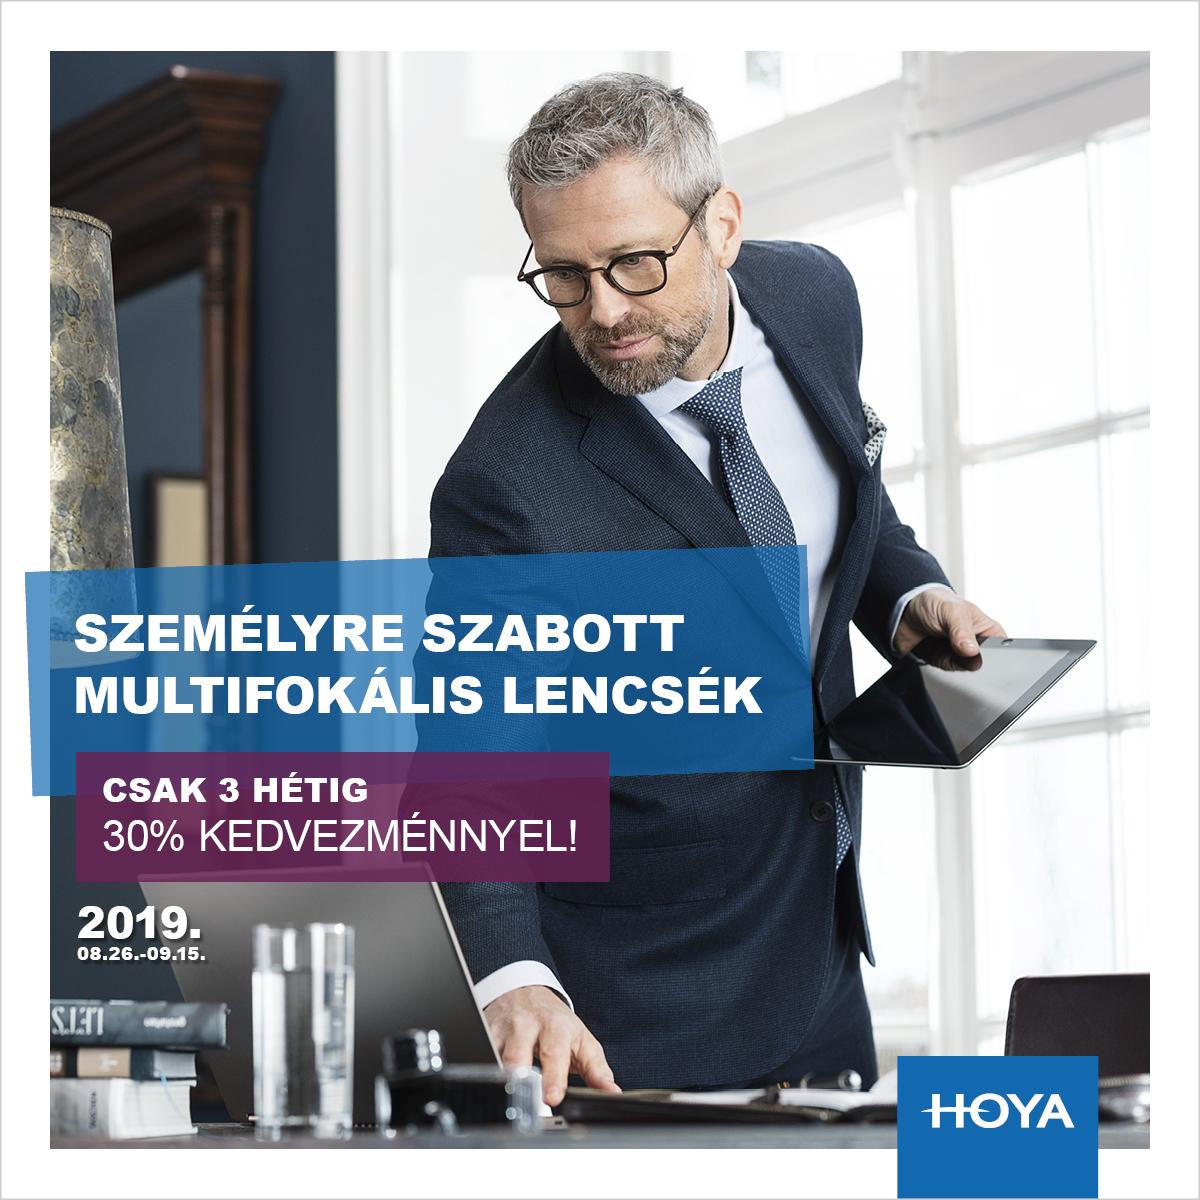 Hoya prémium multifokális  szemüveglencsék 30% KEDVEZMÉNNYEL!